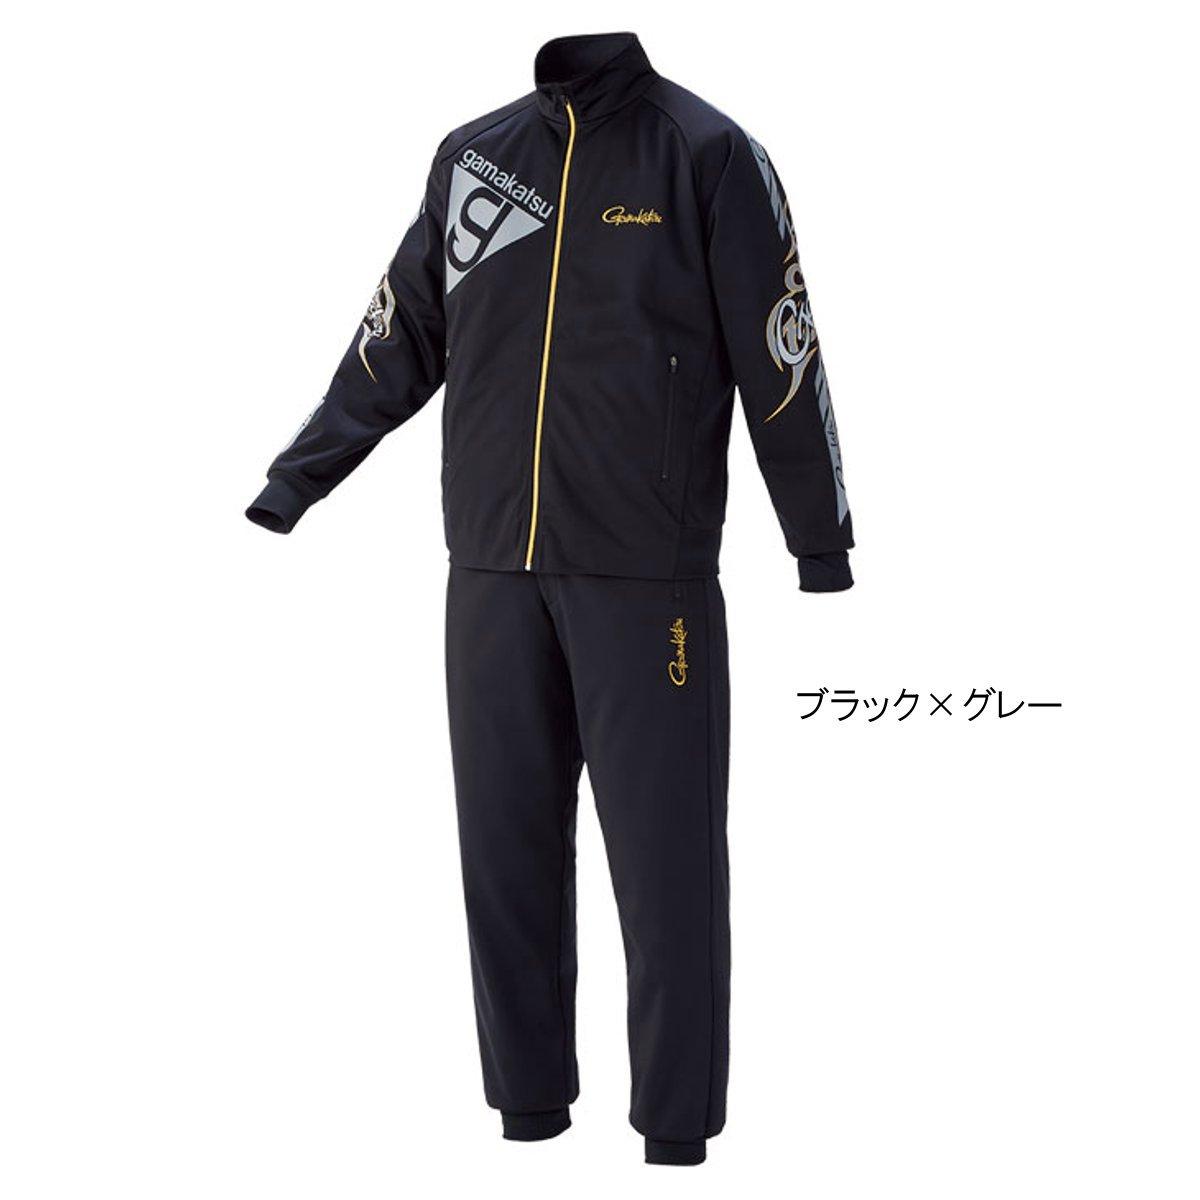 ブリーズテックススーツ GM-3535 LL ブラック×グレー